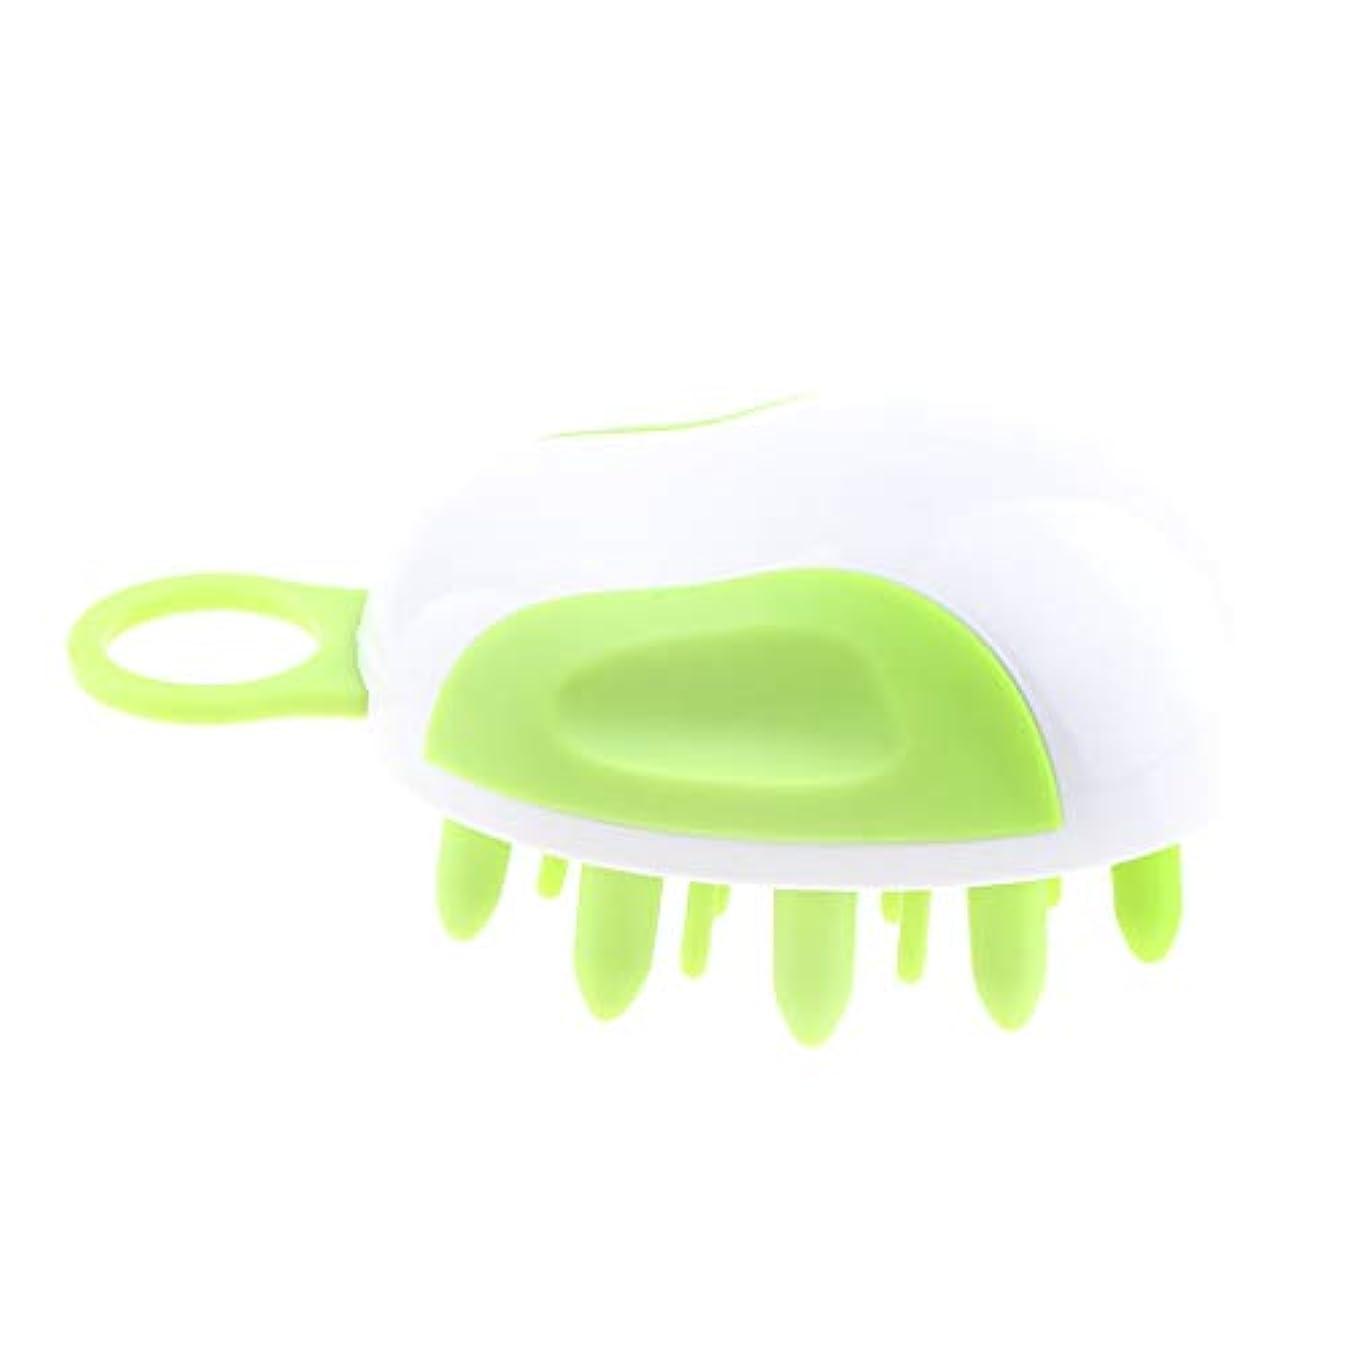 勇気のある防ぐ収入Sharplace シャンプーブラシ 角質除去 ヘアダイコーム ヘアブラシ 頭皮マッサージャー ヘアカラーリング用品 全2カラー - 緑